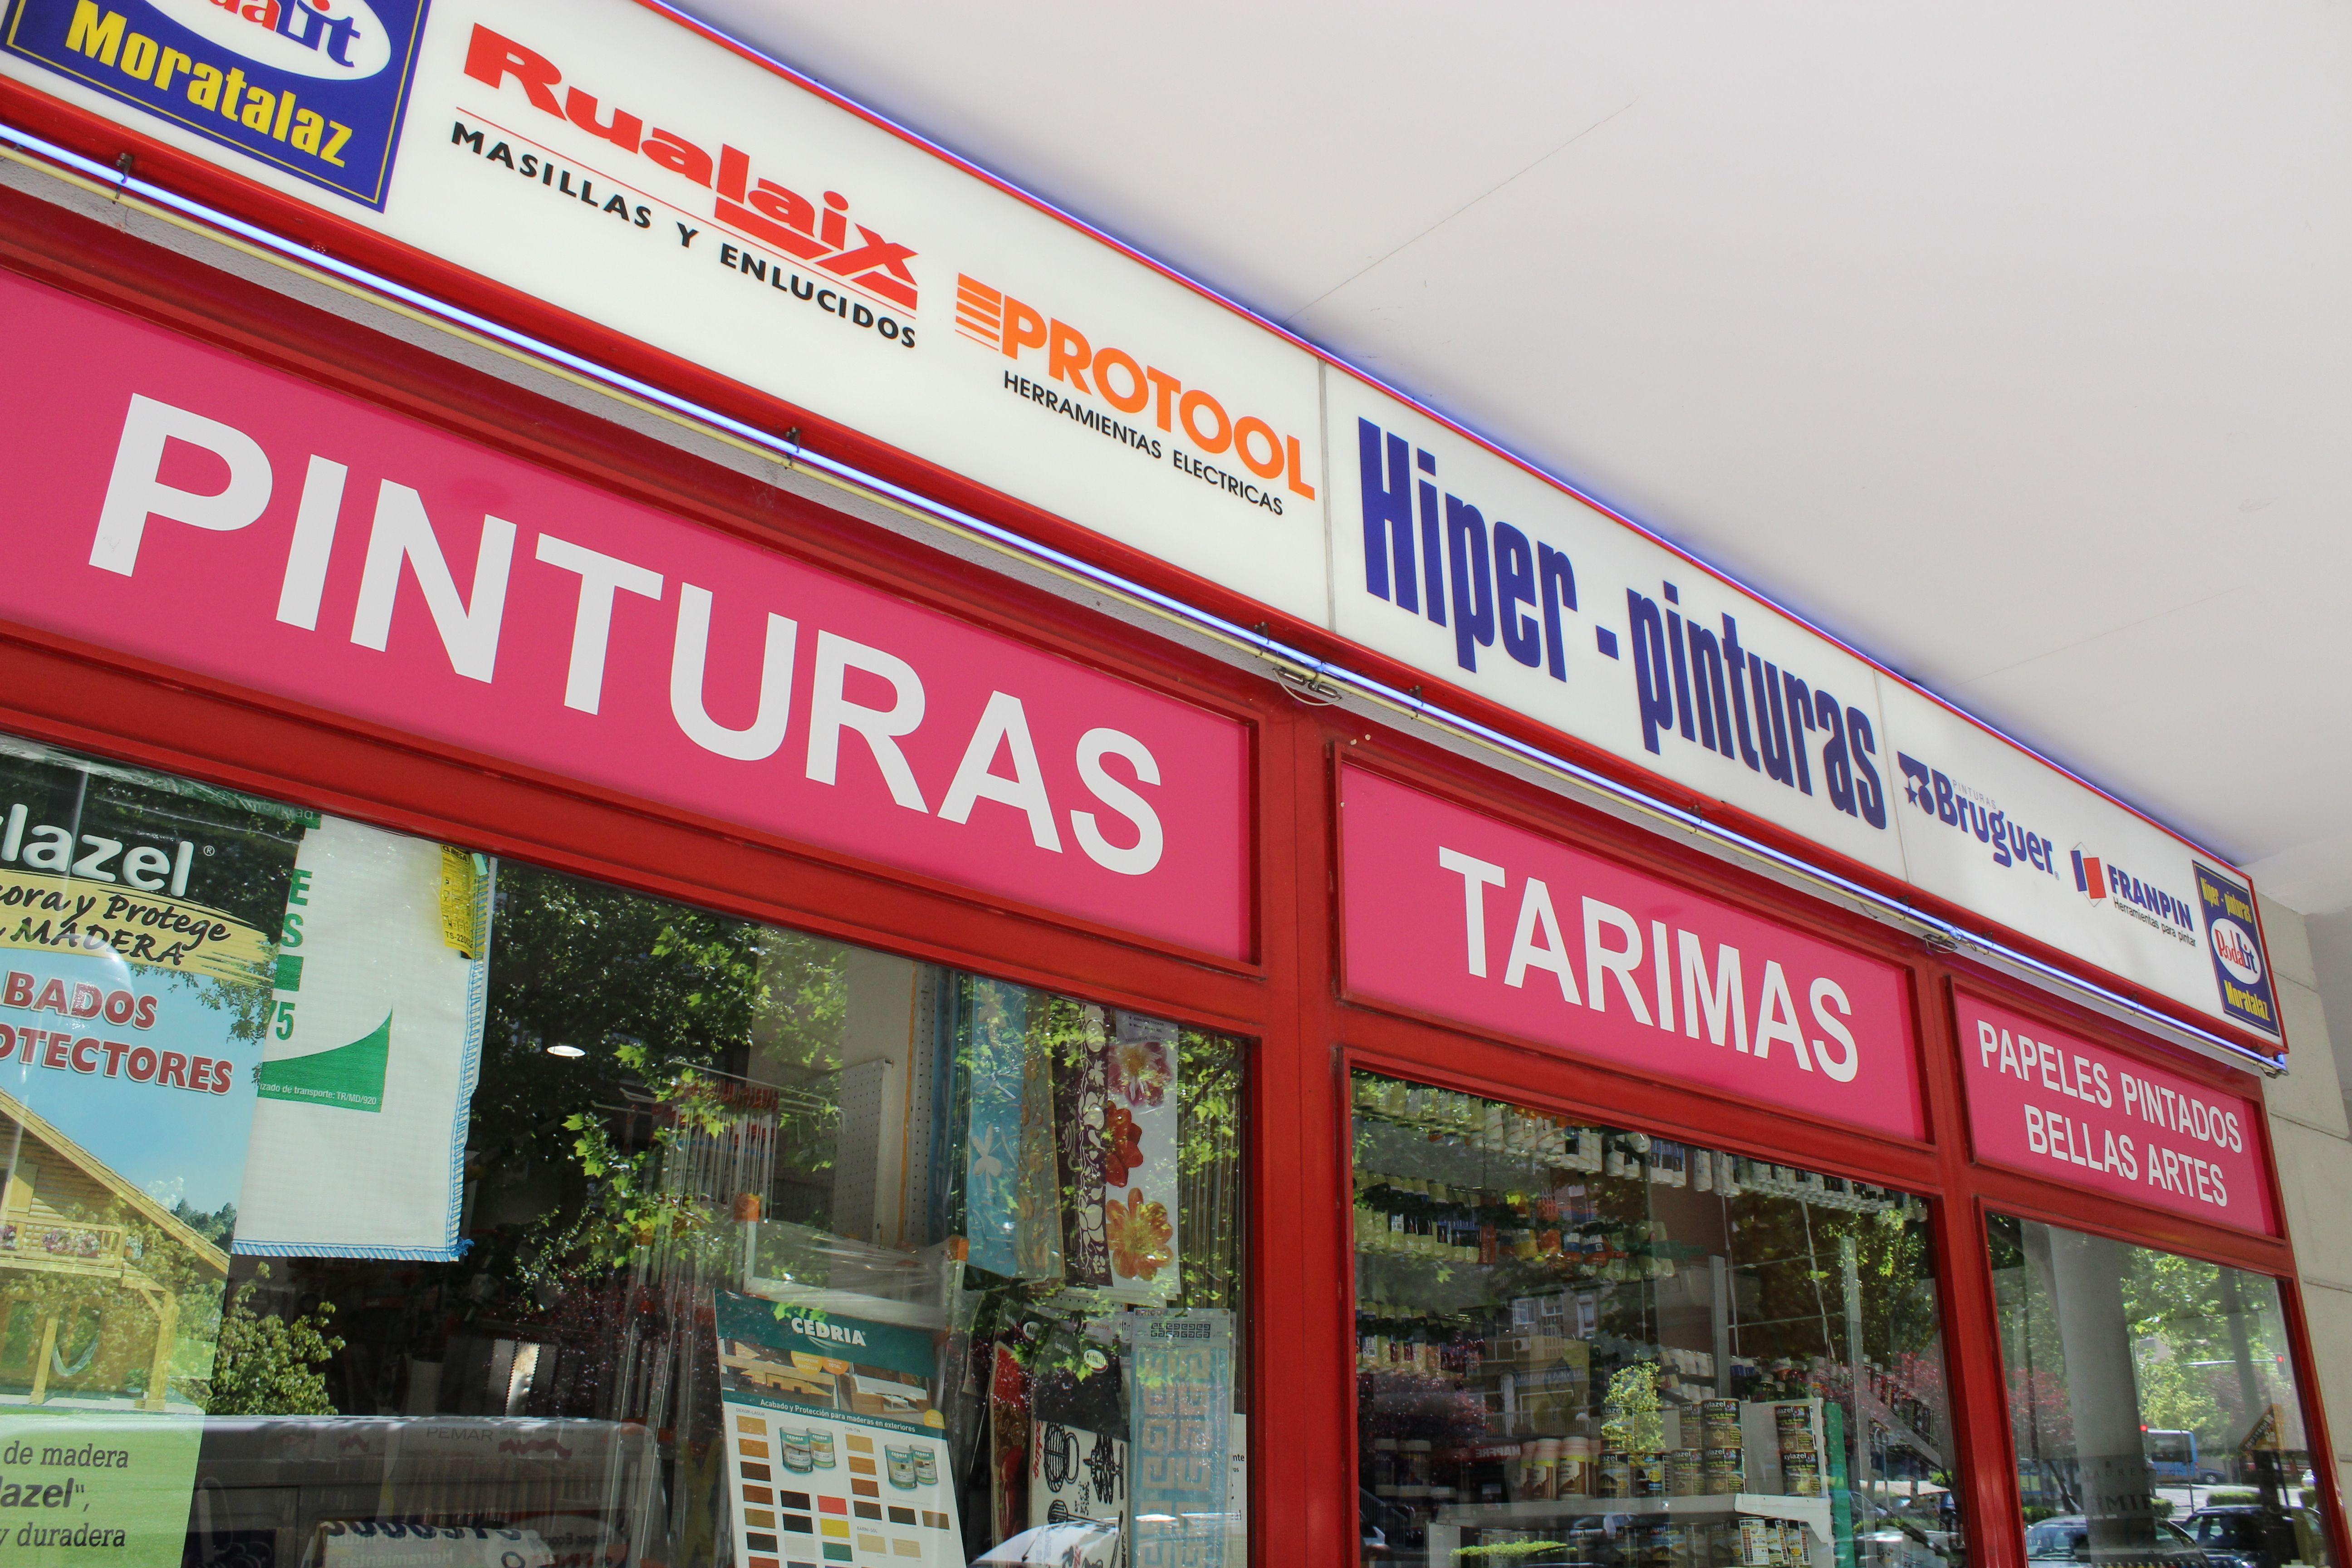 Foto 3 de Pinturas, Barnices y Papeles pintados en Madrid | Hiper Pinturas Moratalaz